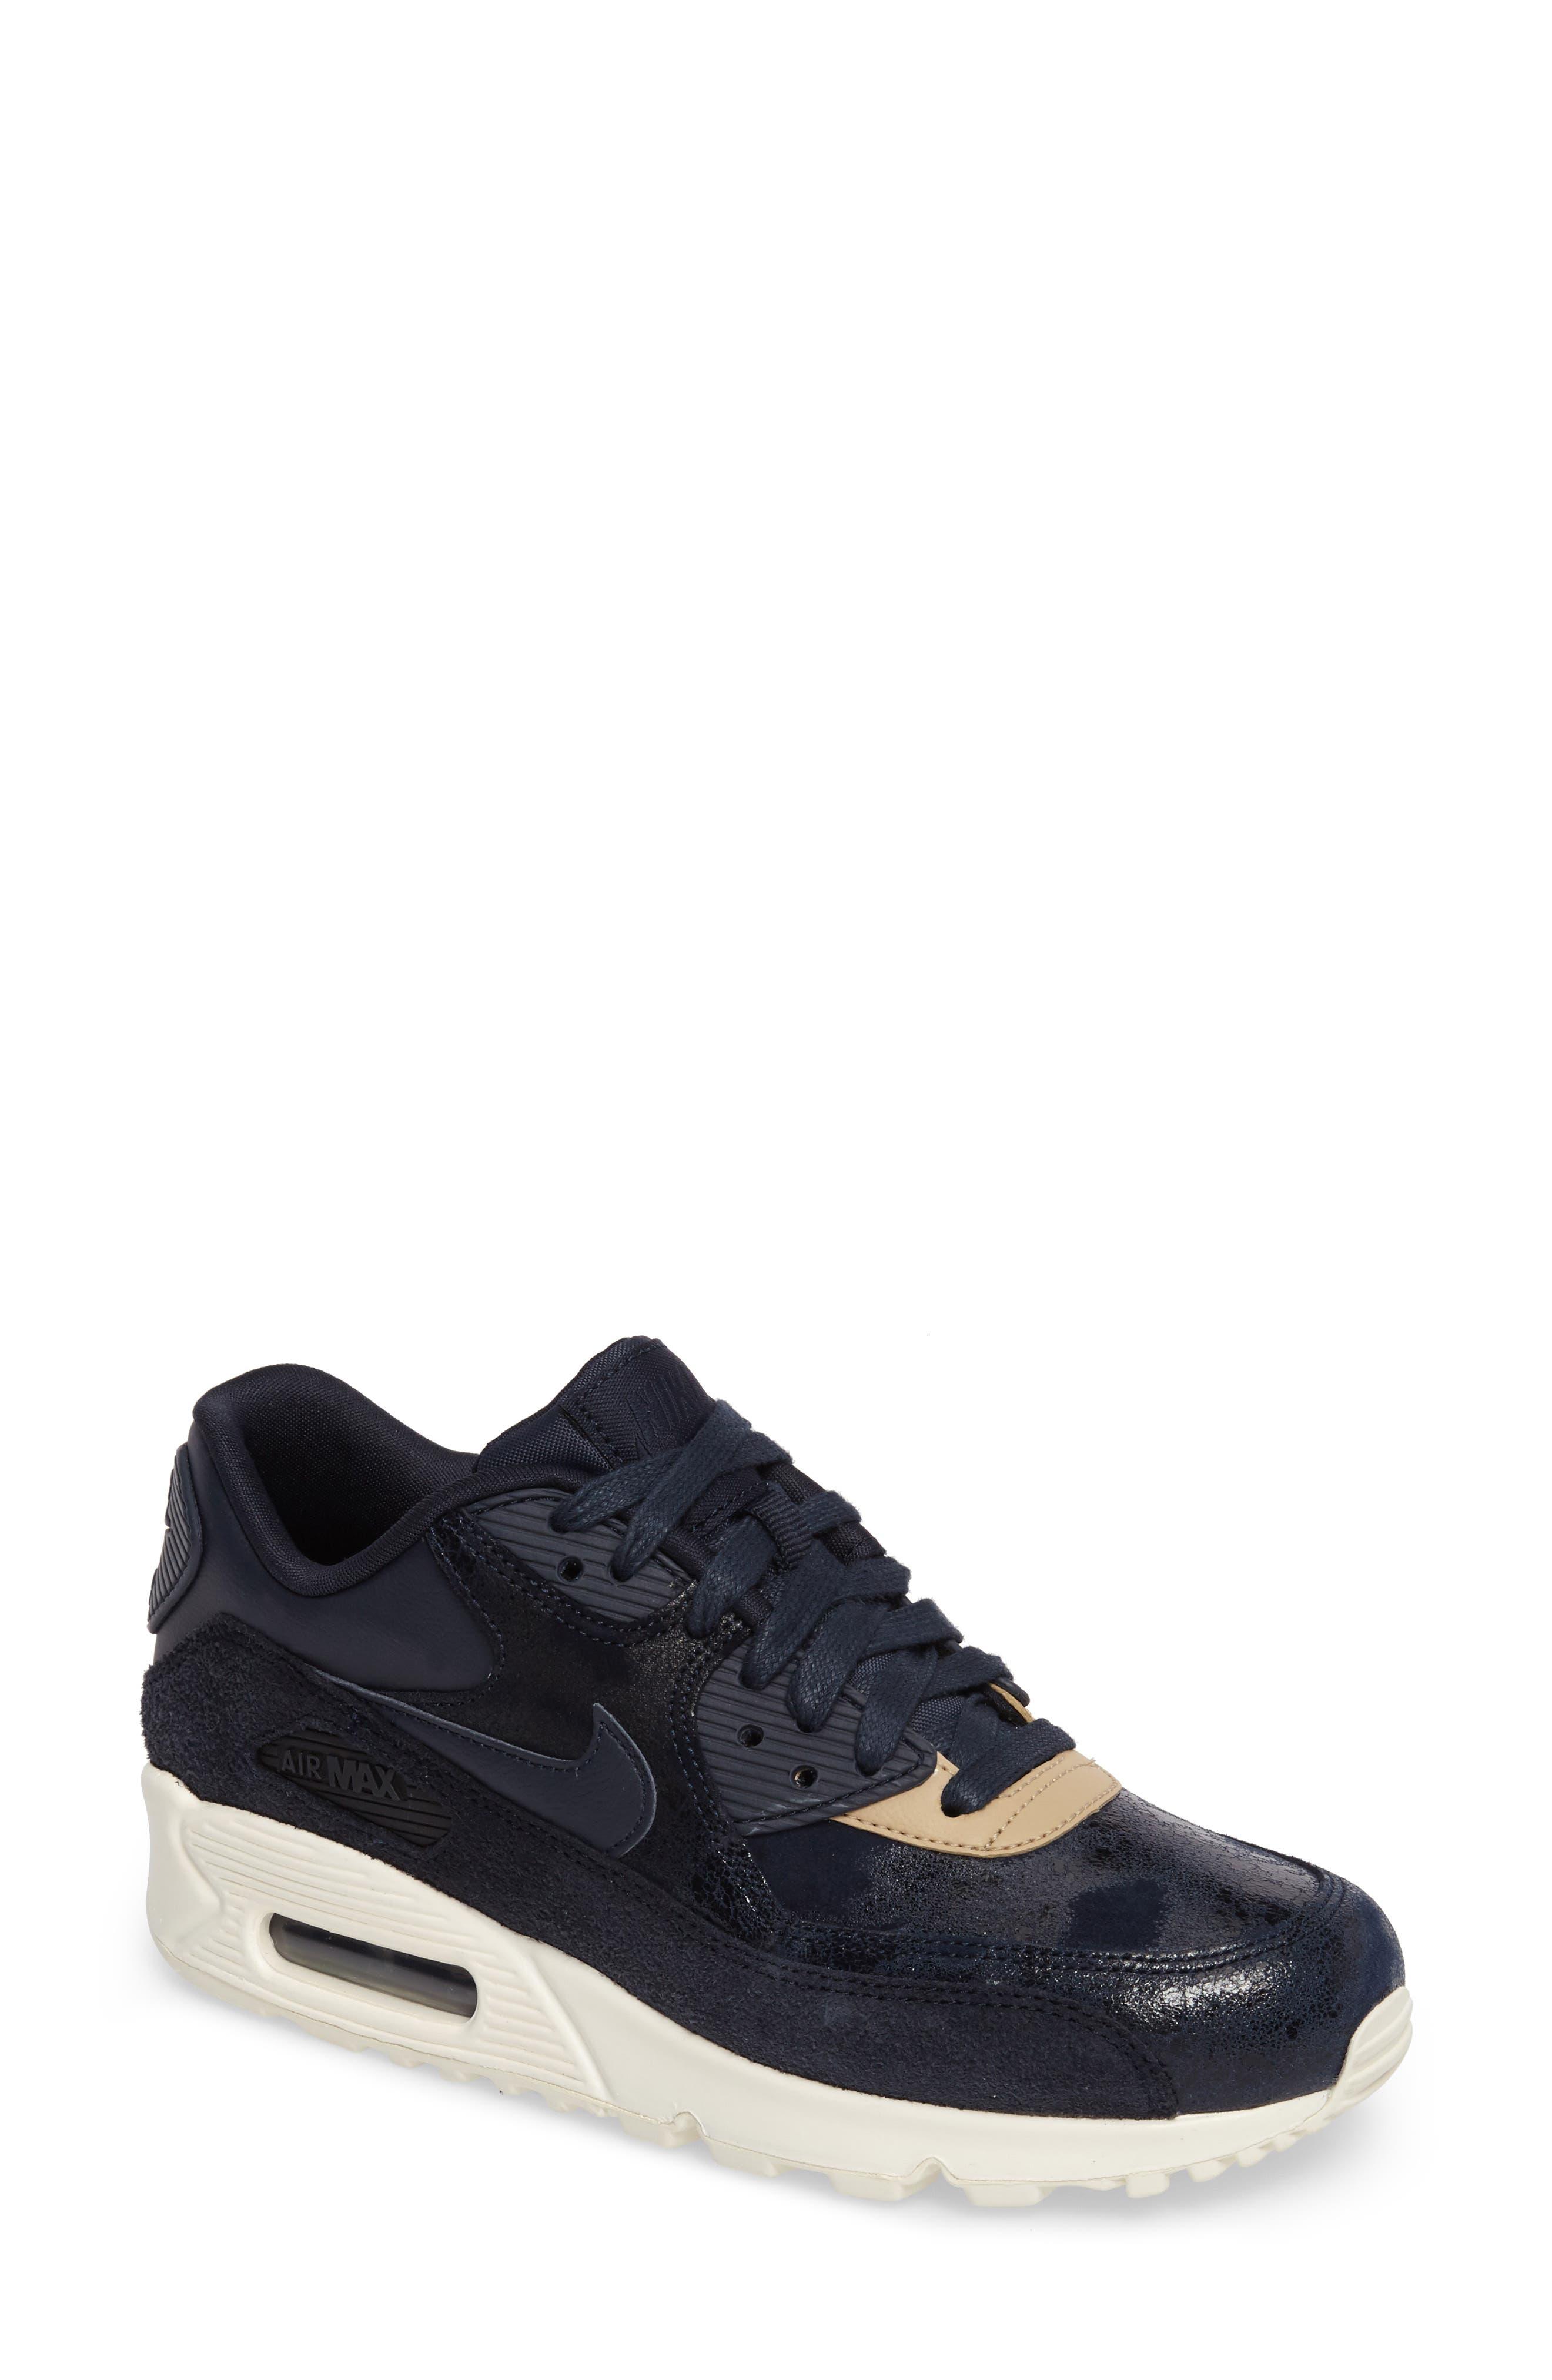 Air Max 90 Premium Sneaker,                         Main,                         color, Dark Obsidian/ Sail/ Mushroom